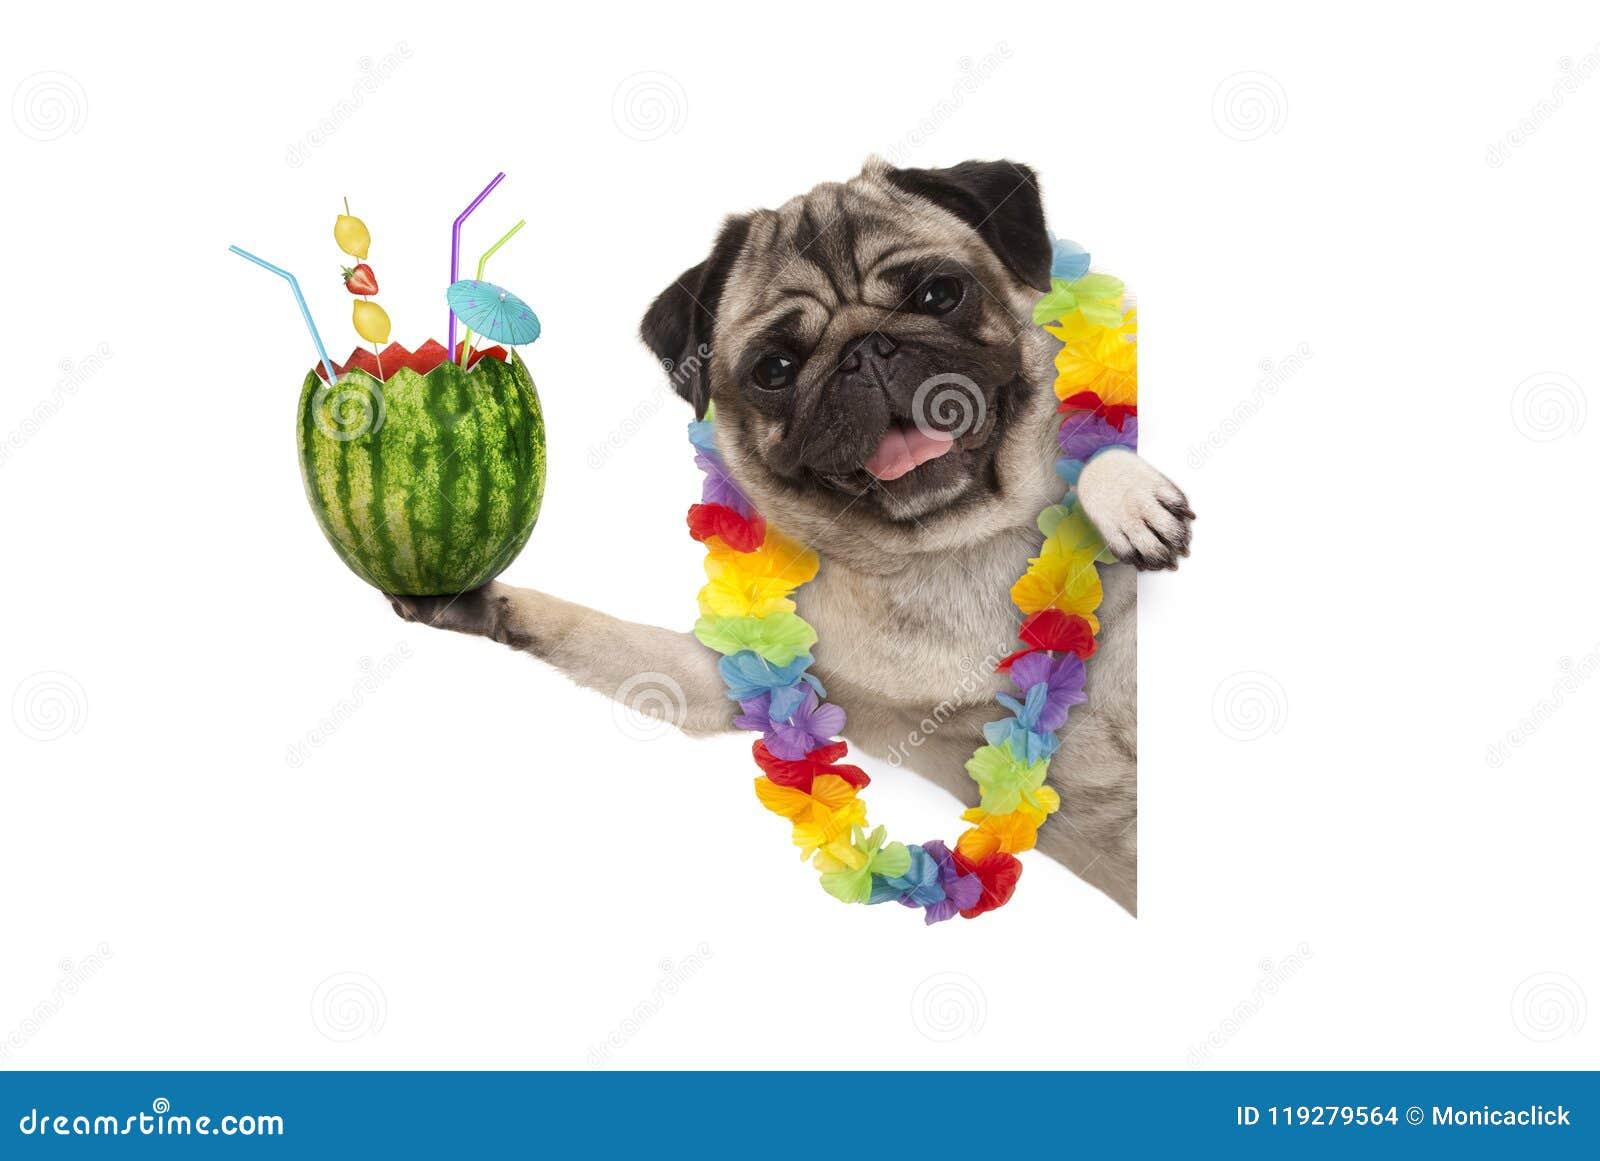 与夏威夷花诗歌选的欢乐夏天哈巴狗狗,拿着与伞和秸杆的西瓜鸡尾酒